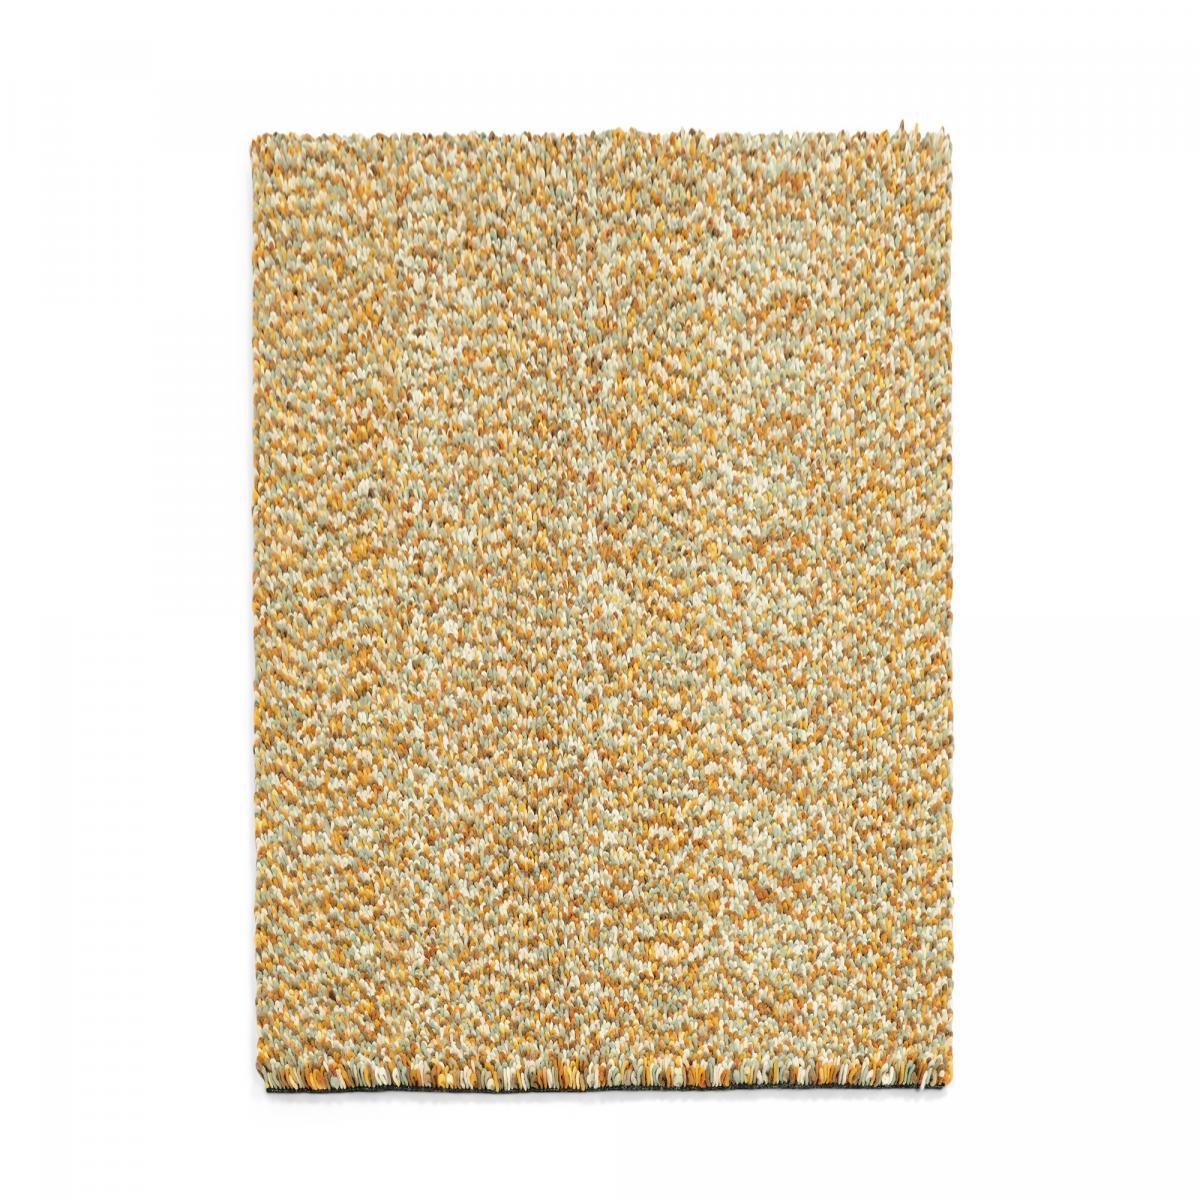 Tapis shaggy poils long en laine or 140x200